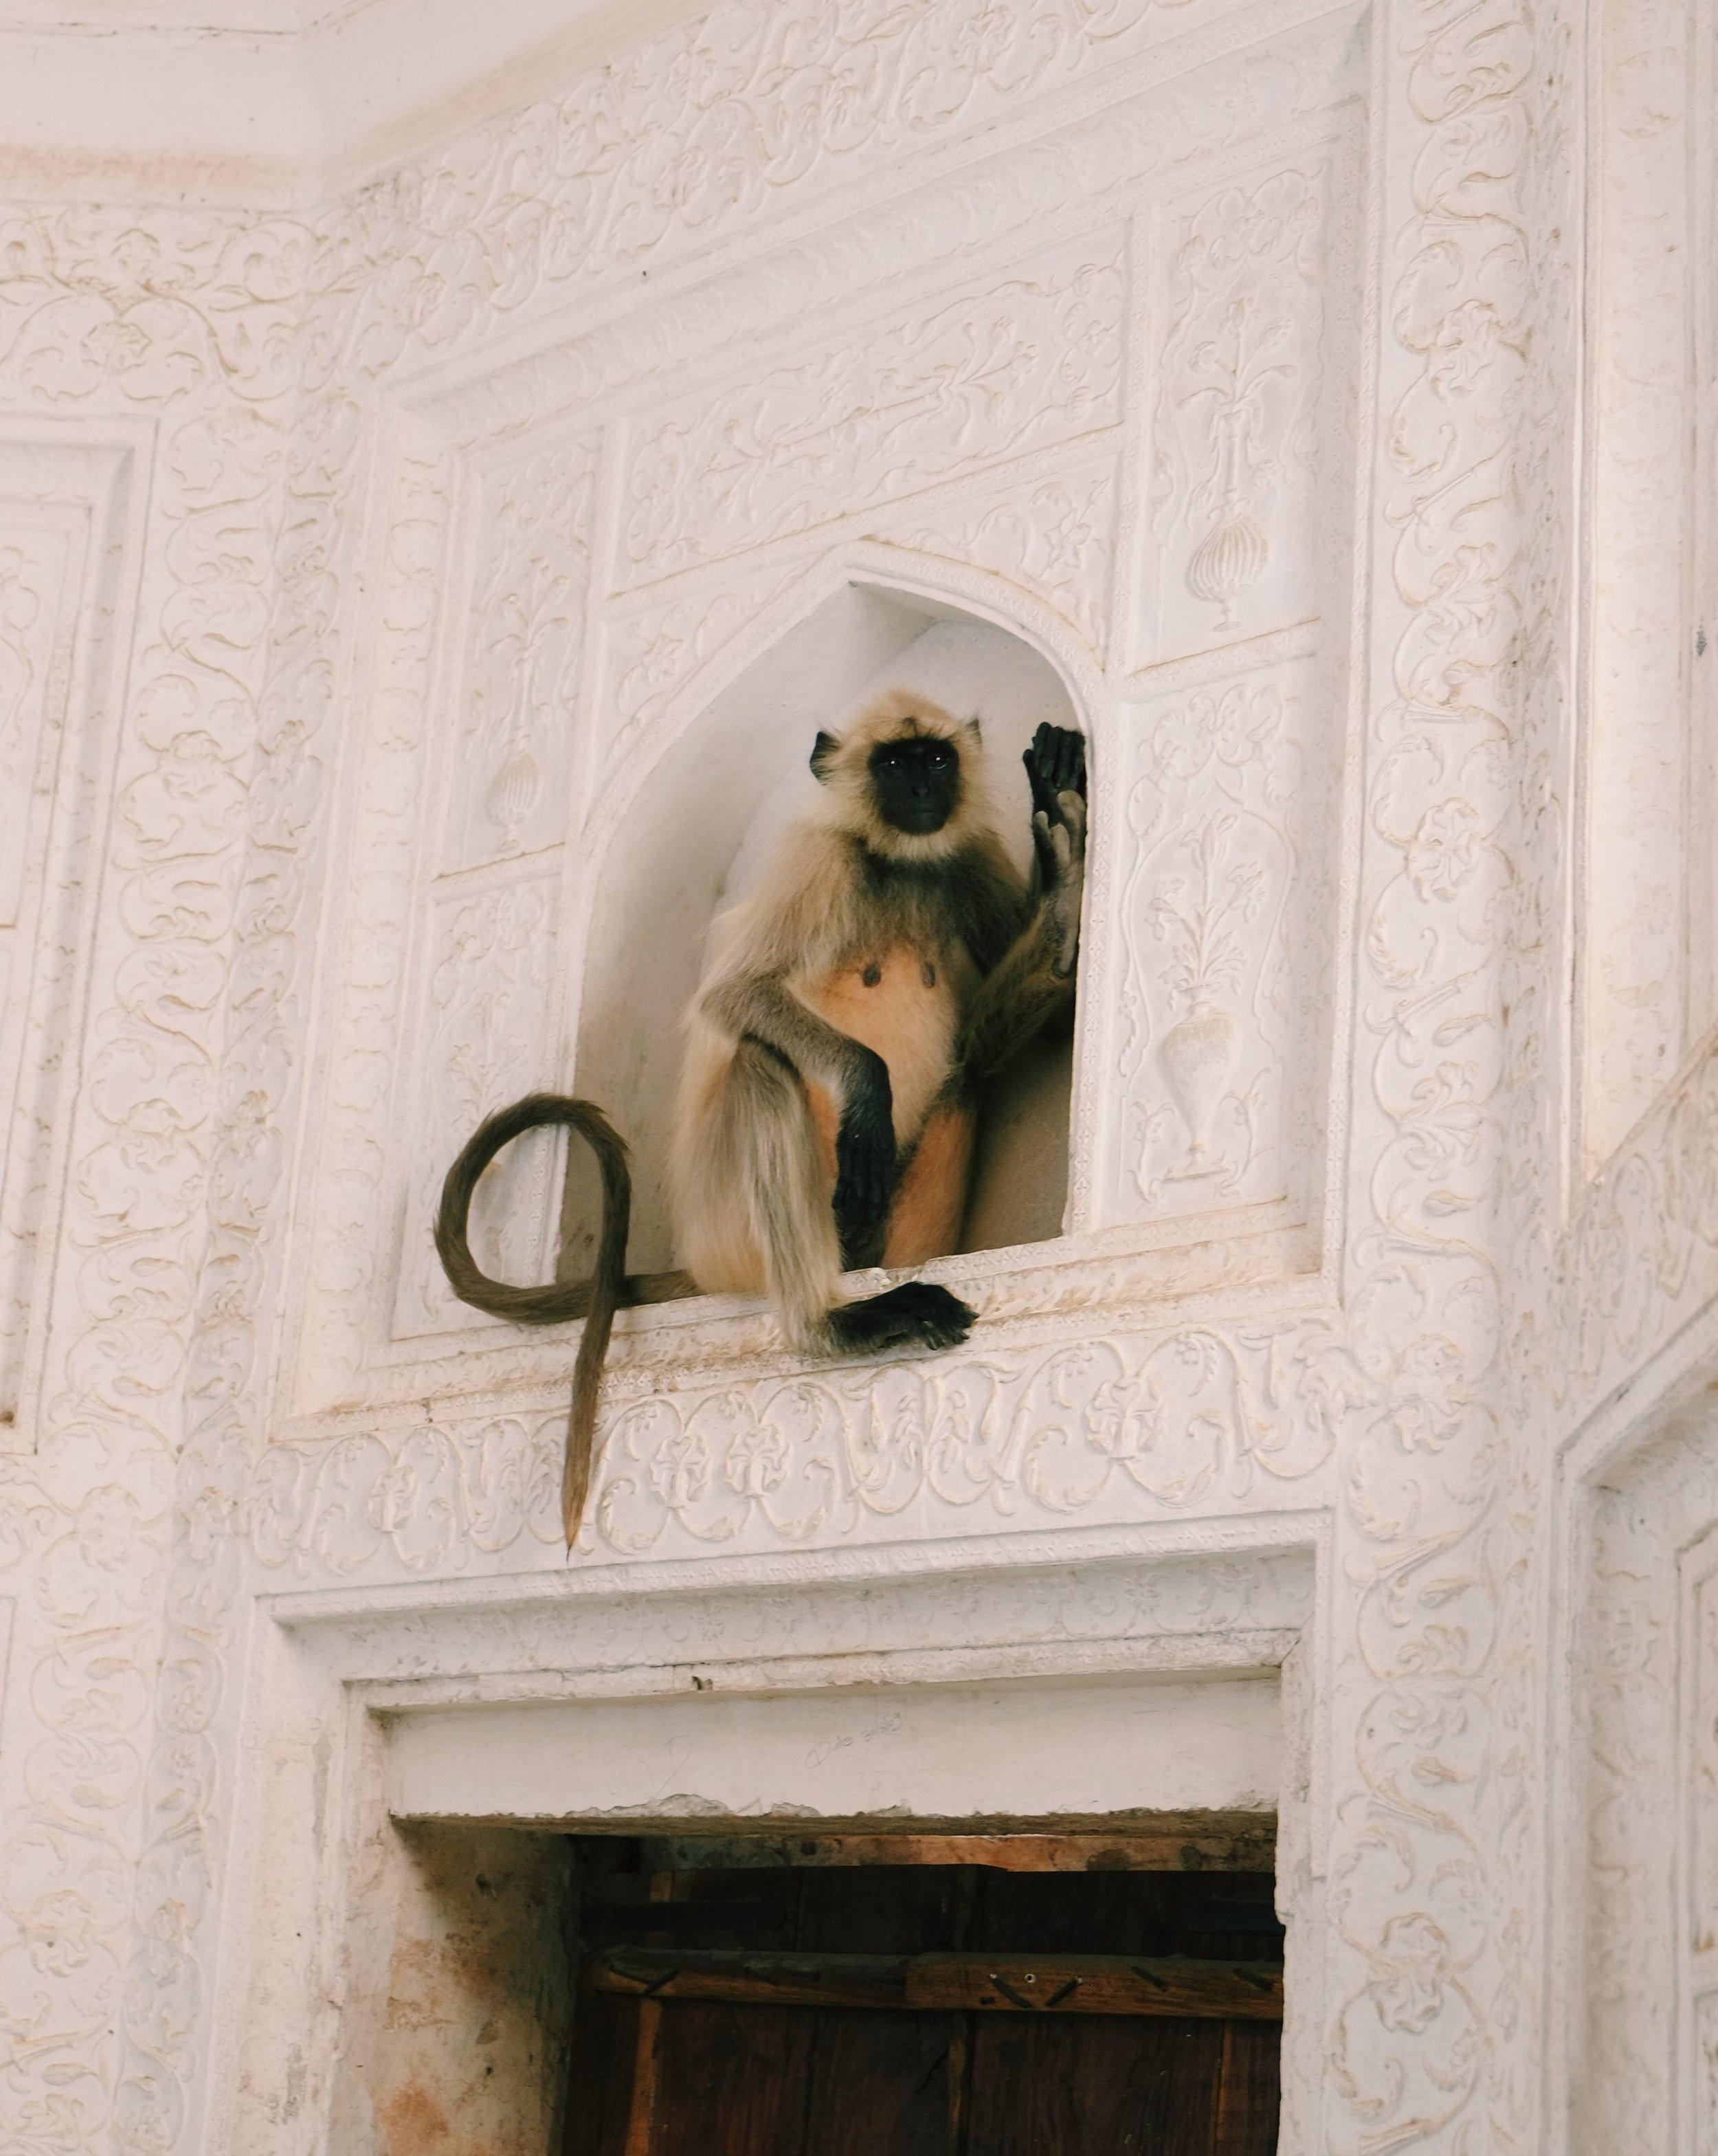 Monkey Ajmer Amber Palace India Joost Bastmeijer.jpeg